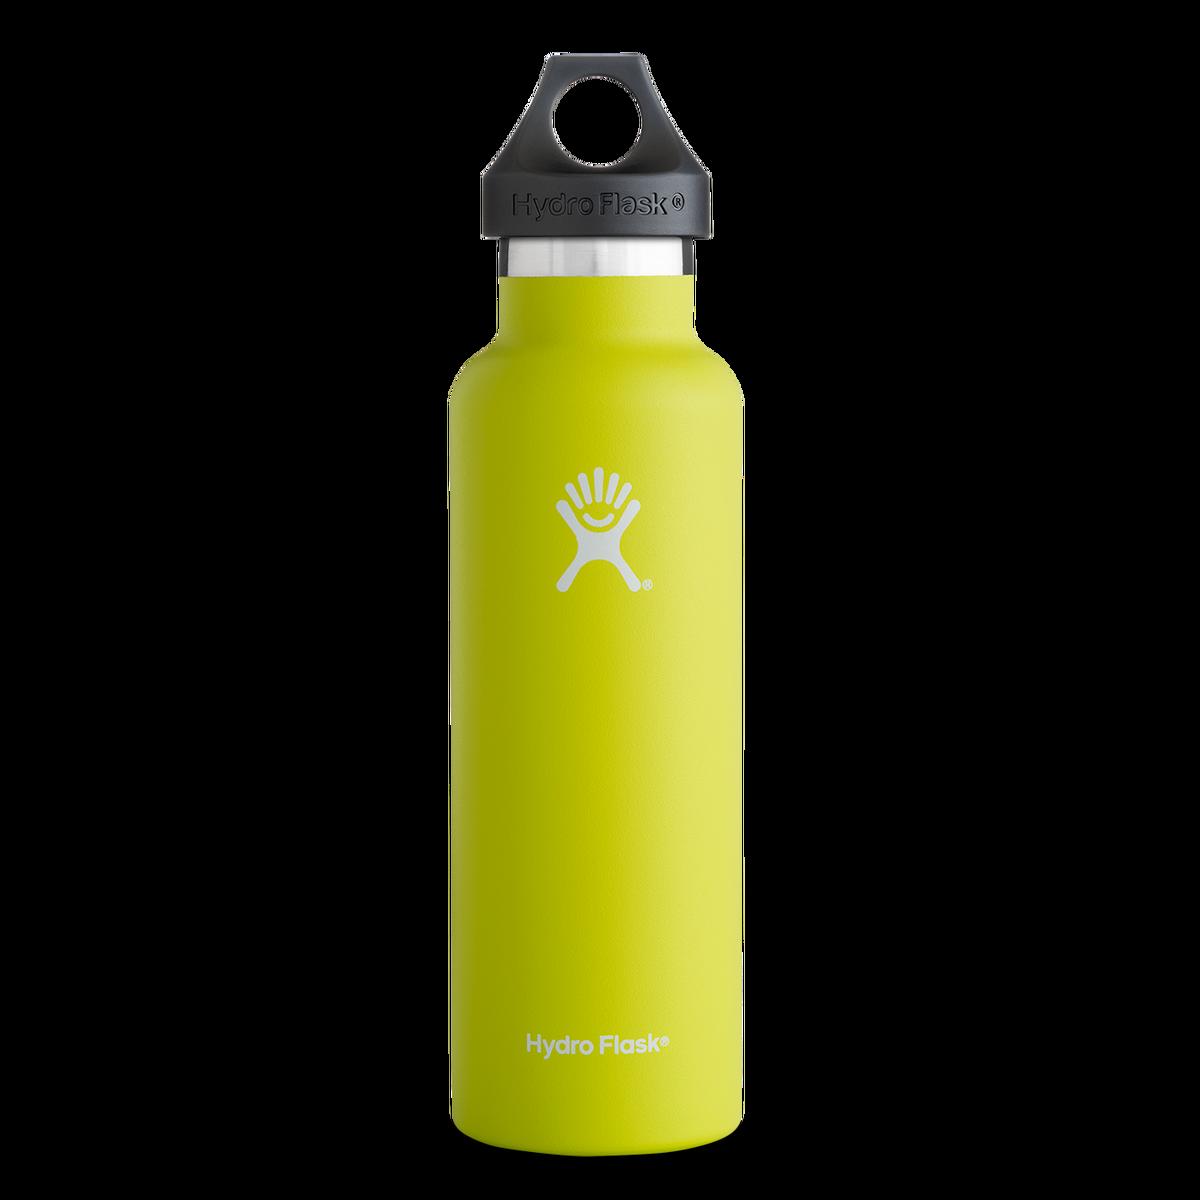 Hydroflask 21oz. Water Bottle.